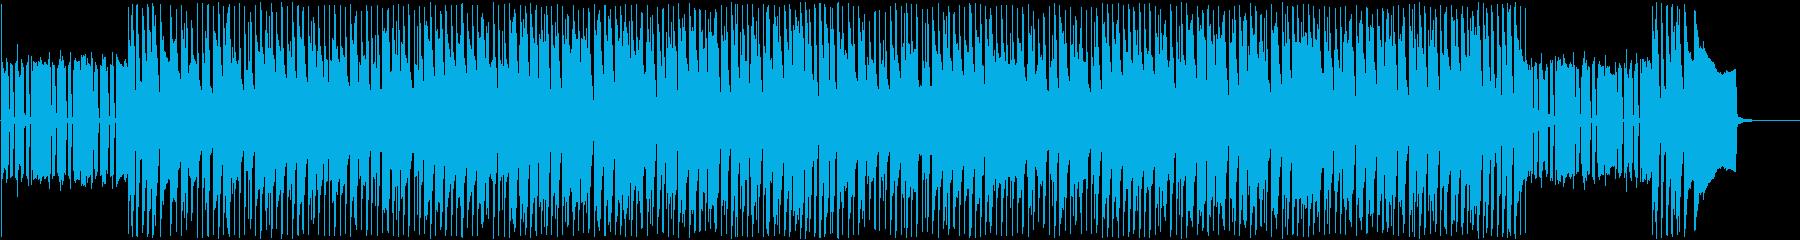 日常に流れる軽やかな曲の再生済みの波形